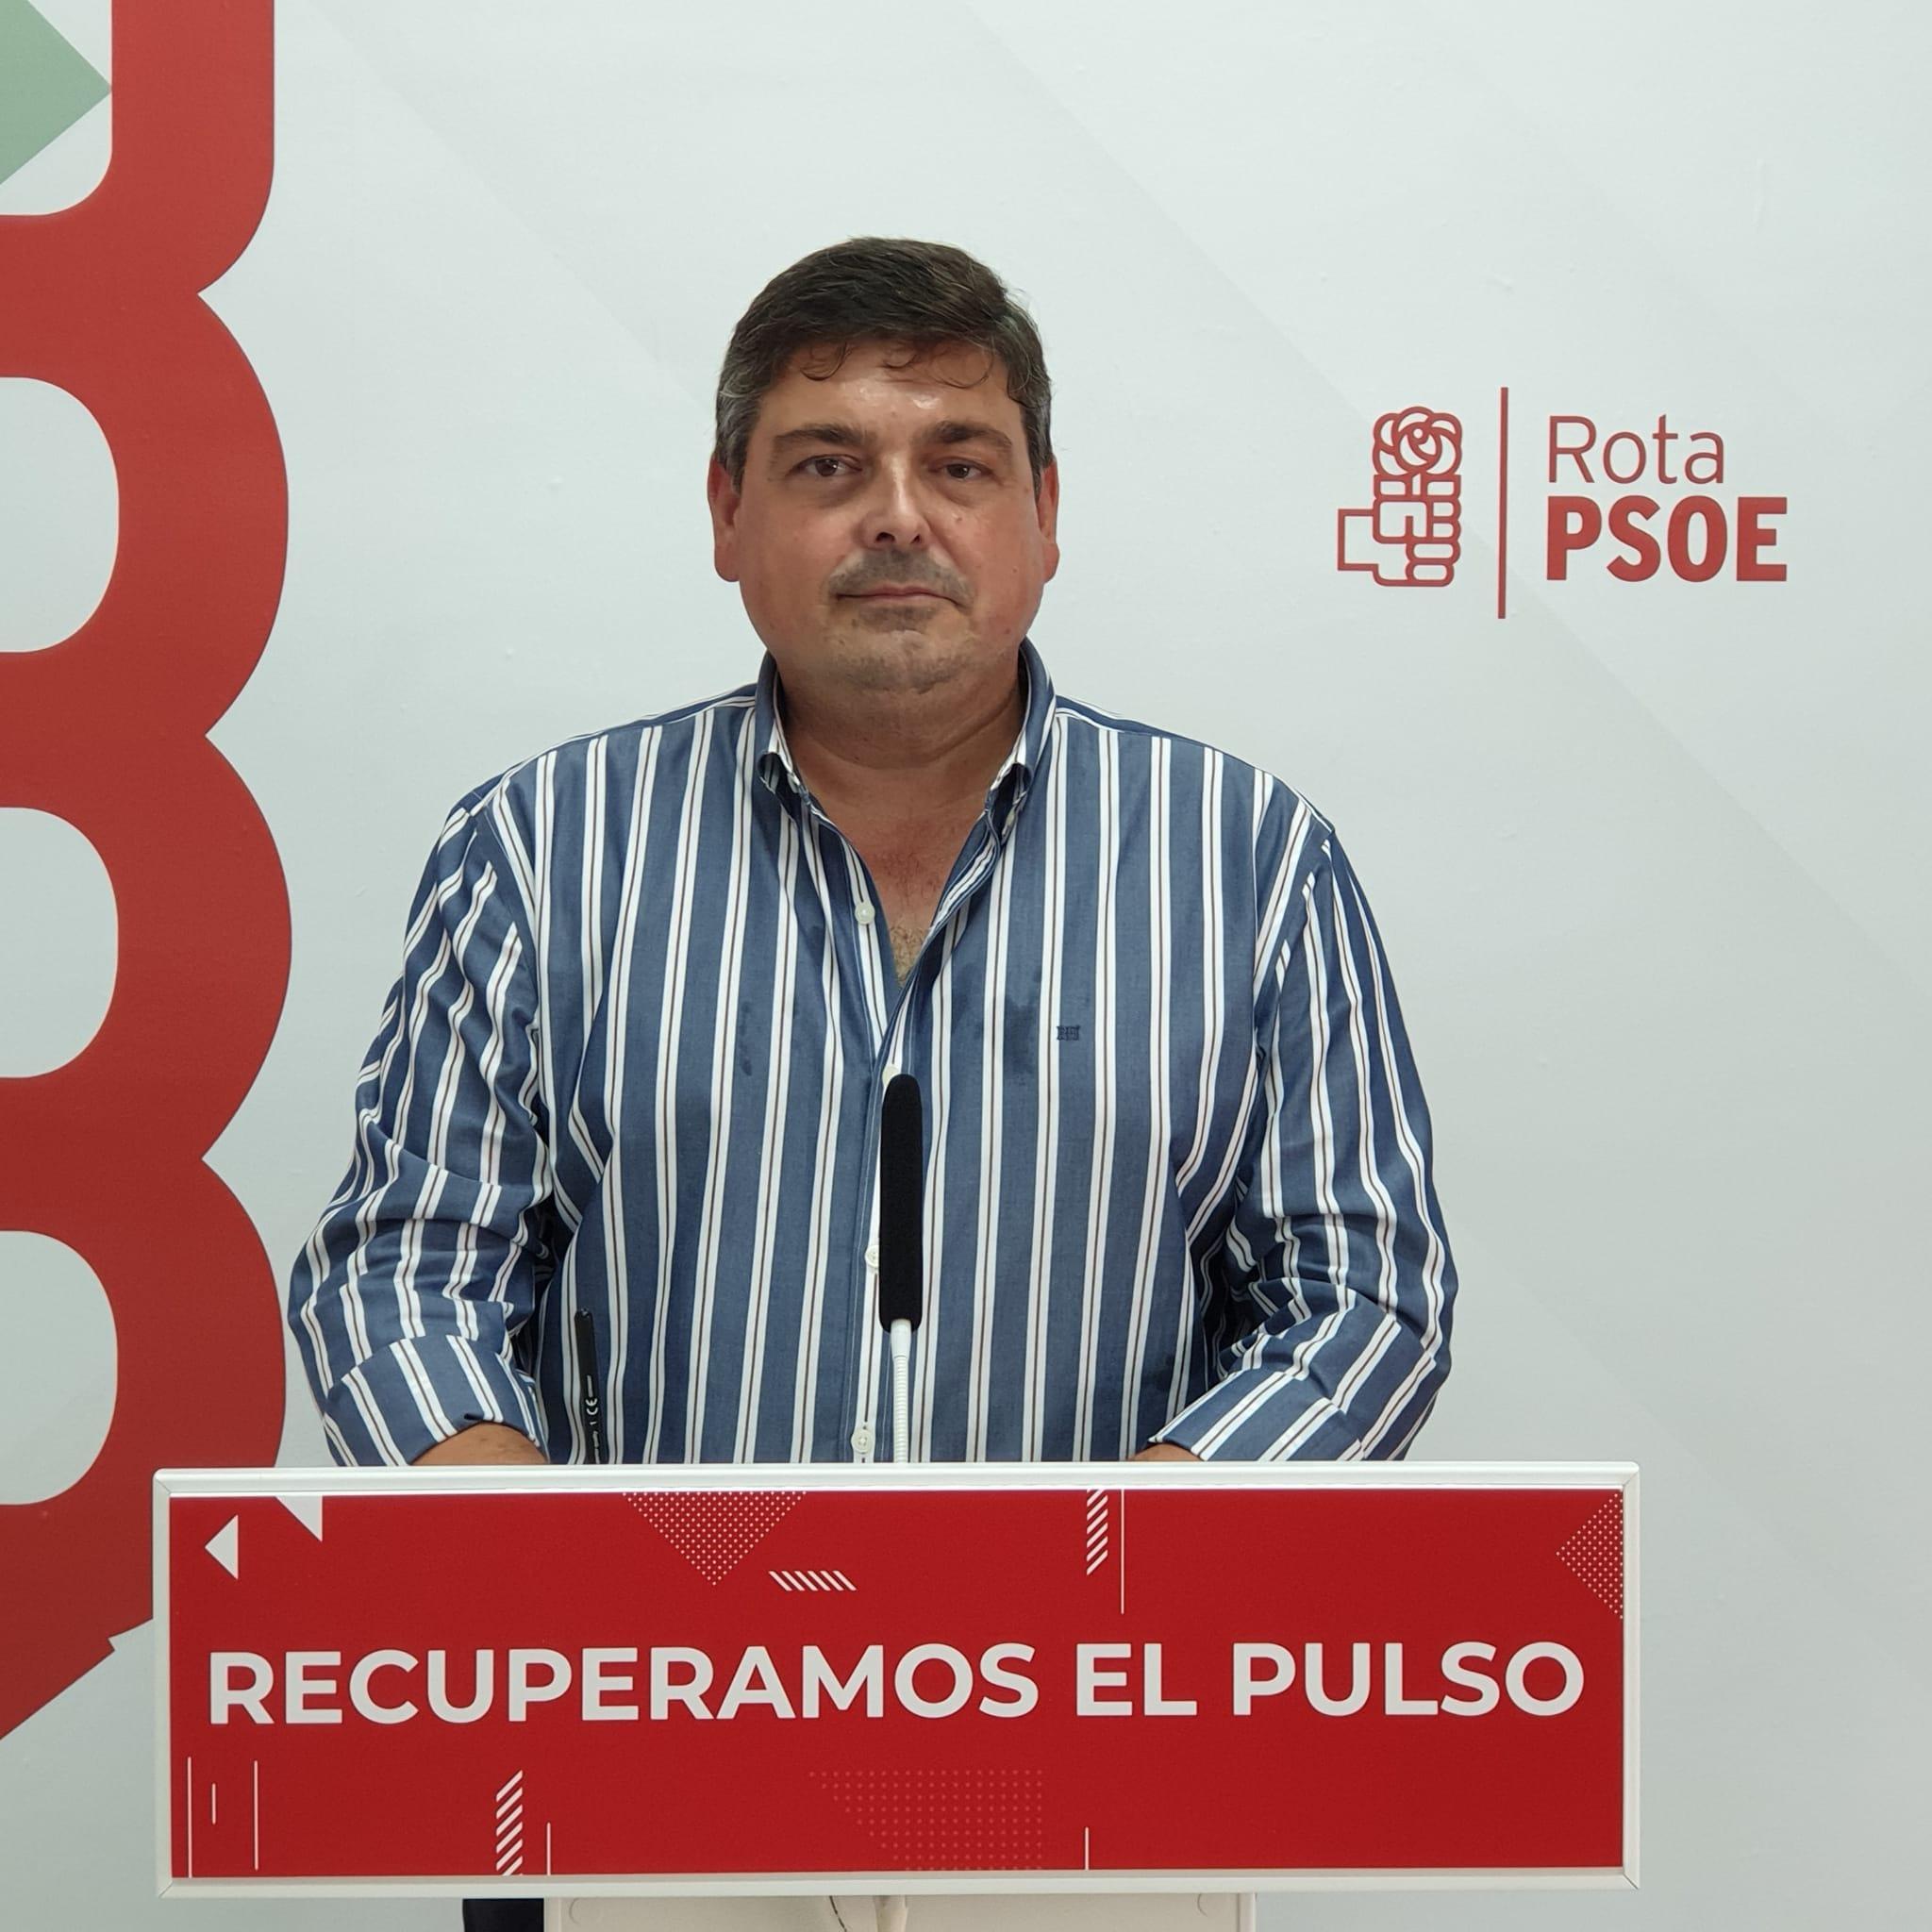 EL PP DE ROTA, VACÍO DE IDEAS Y PROYECTOS, Y SIN TEMAS PARA HACER OPOSICIÓN